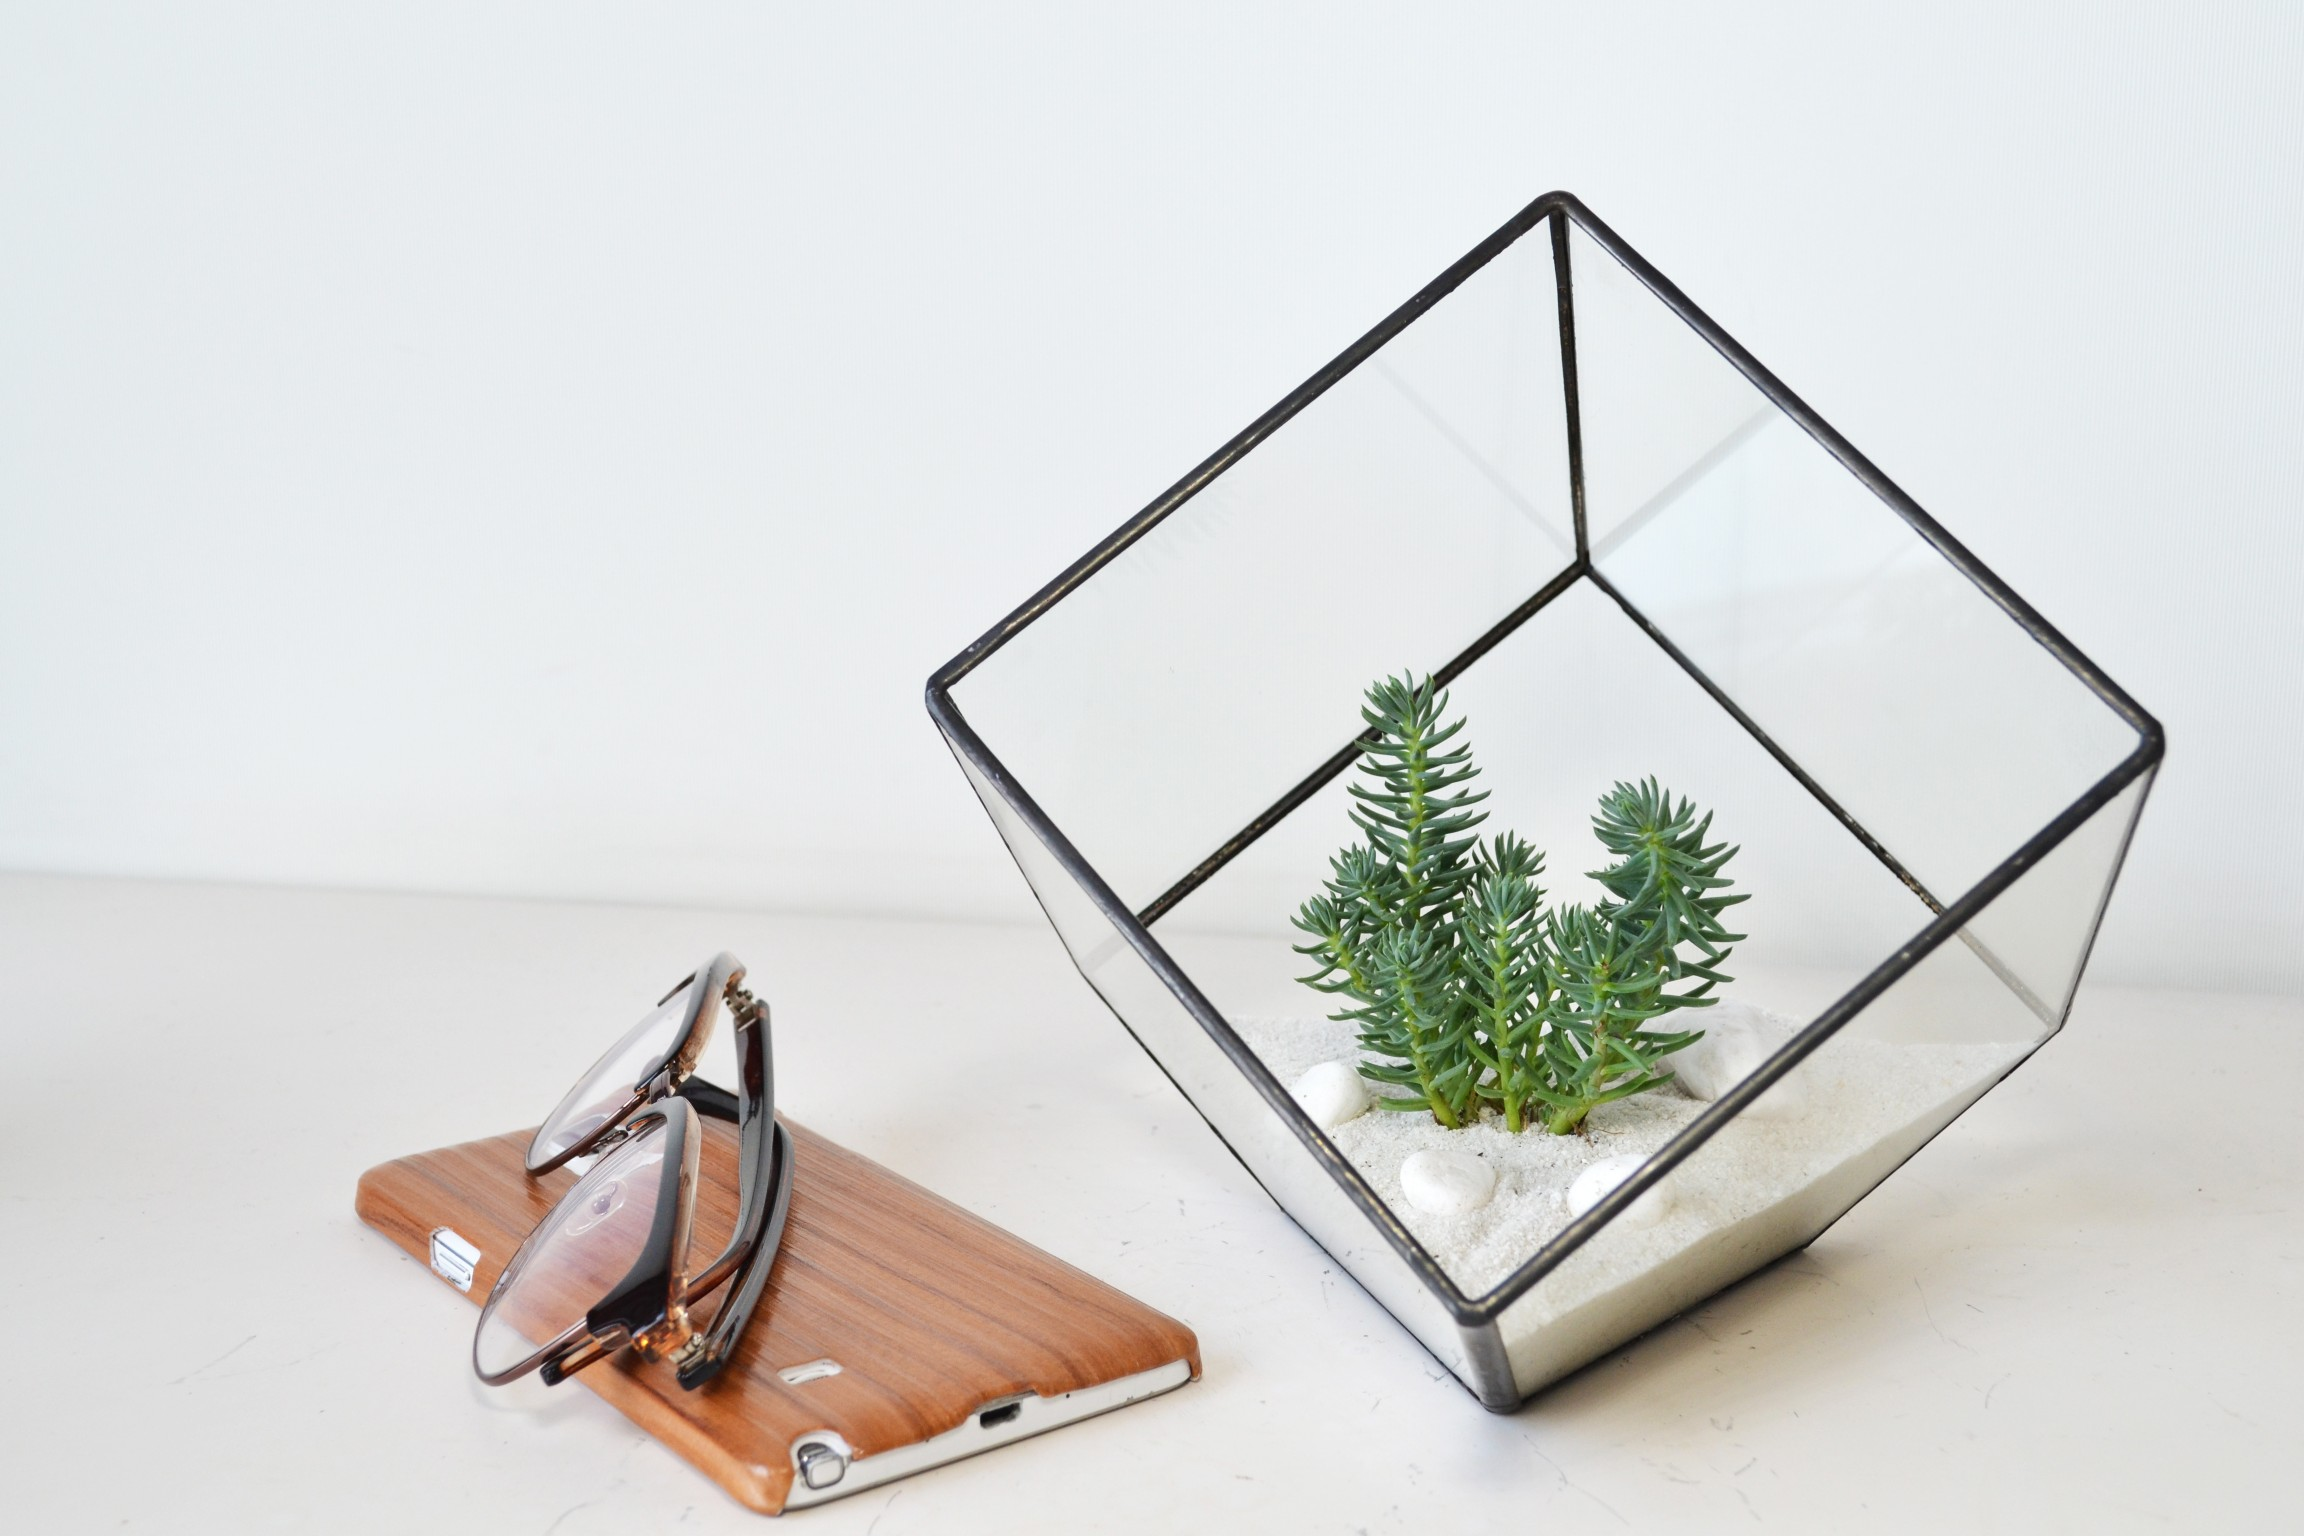 Cube (Medium) - Minimalist Style